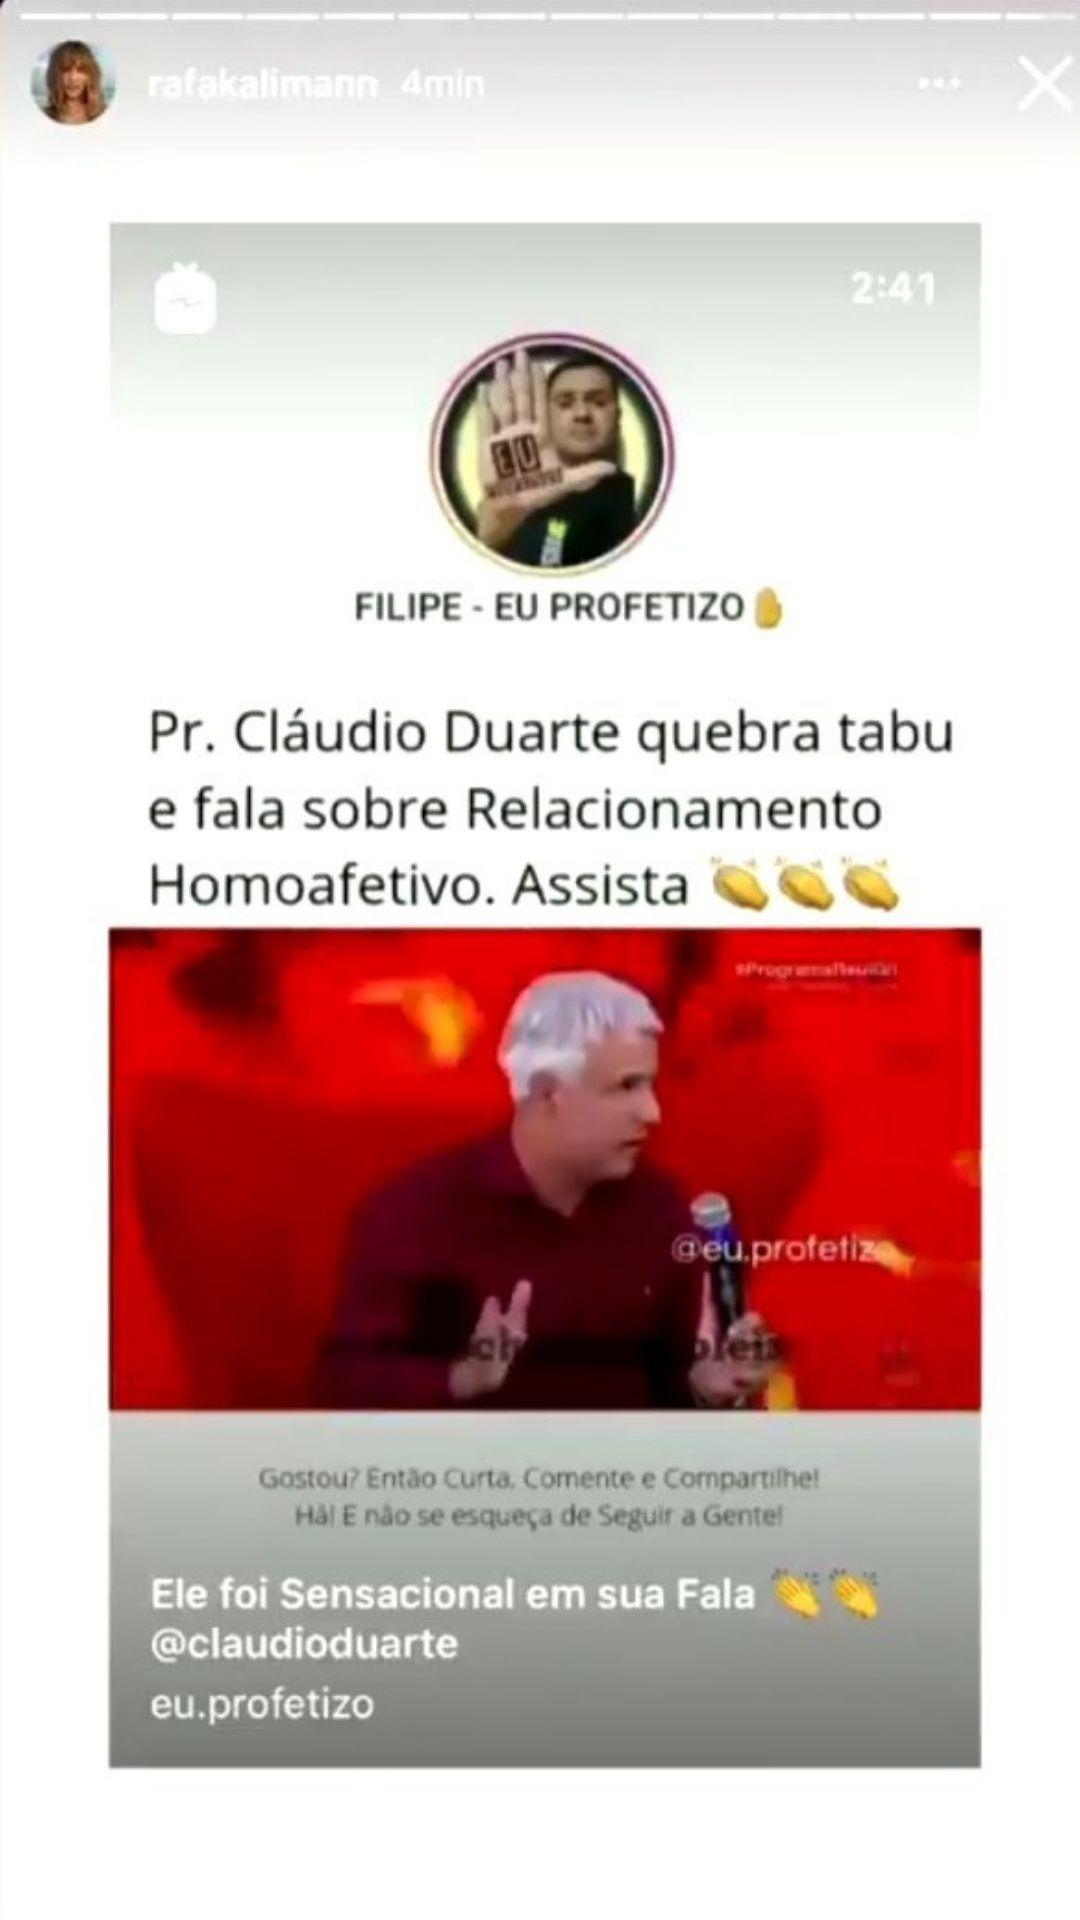 Rafa Kalimann se desculpa por postar vídeo lgbtfóbico. Foto: Reprodução/Instagram